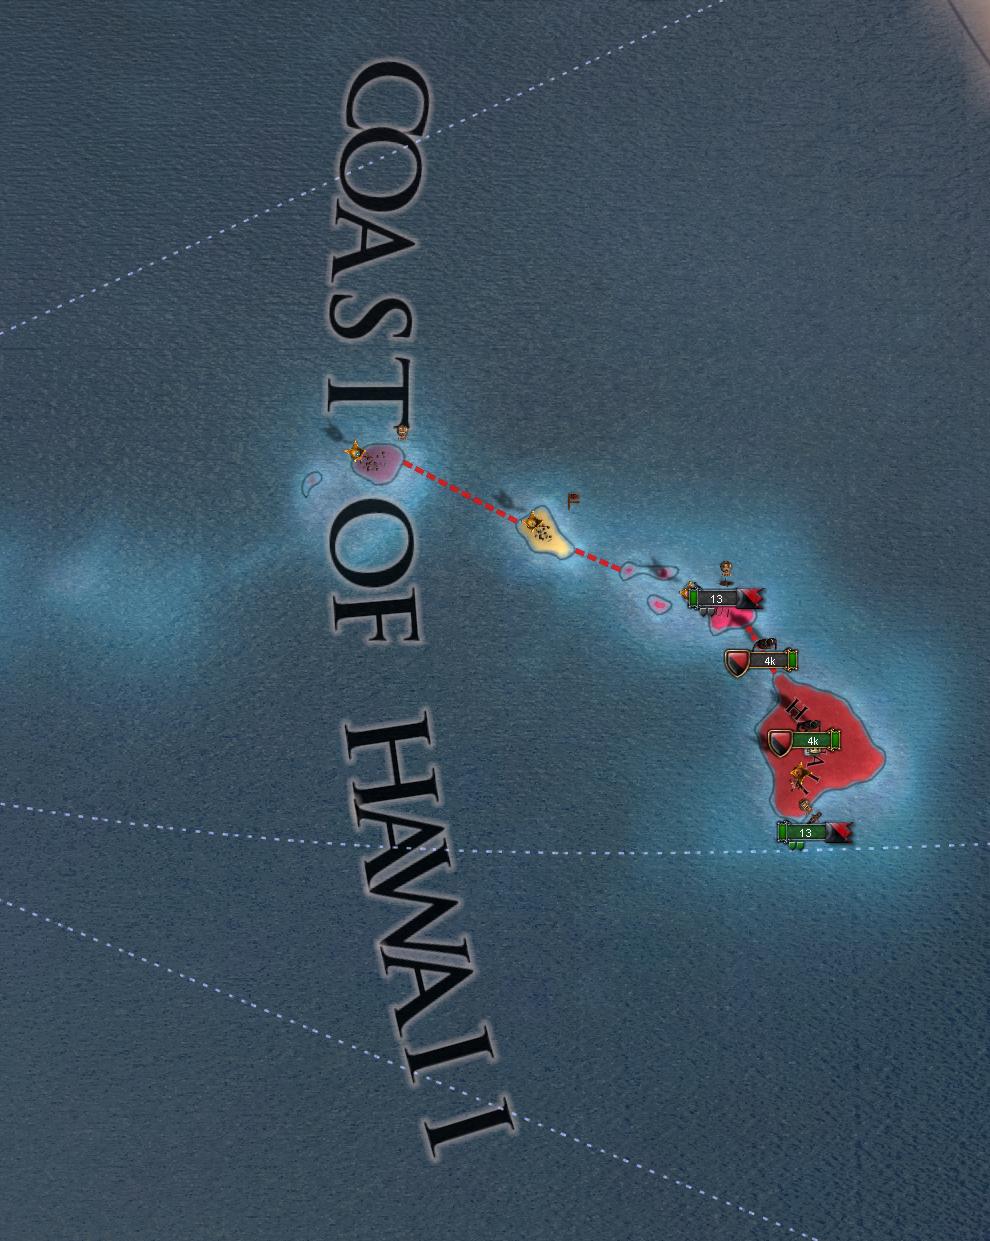 Hawaii_Archipelago.png